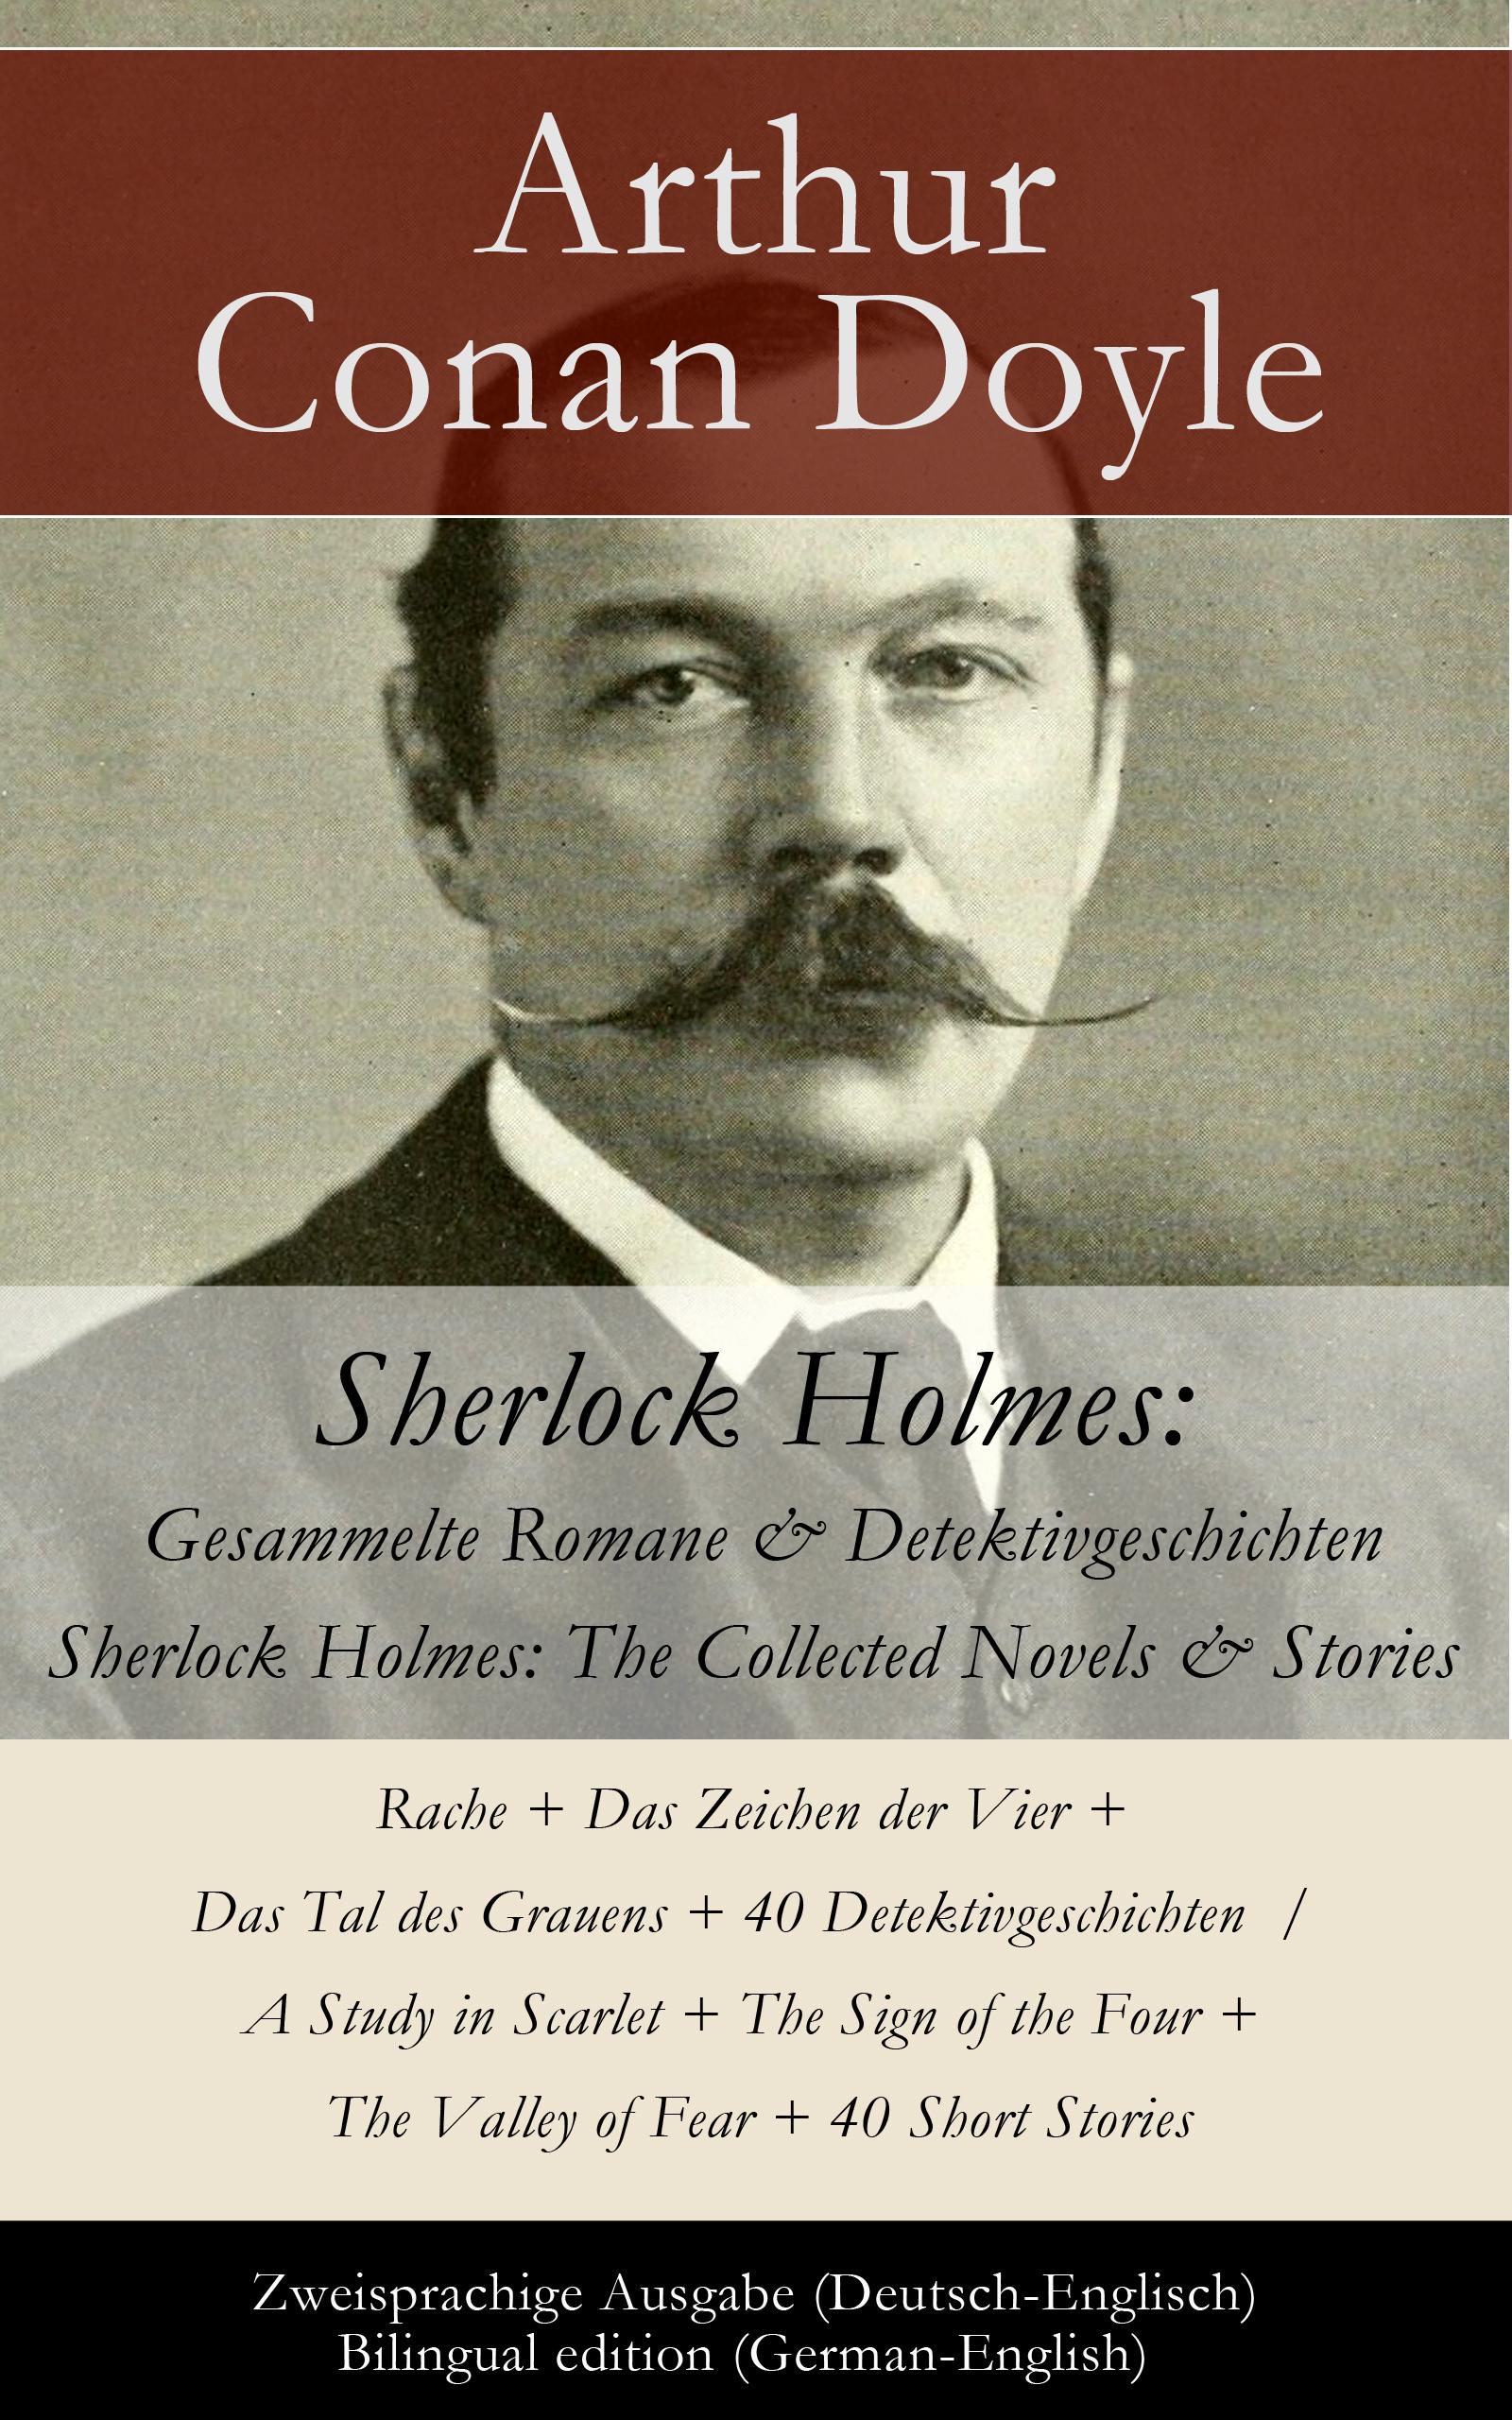 лучшая цена Артур Конан Дойл Sherlock Holmes: Gesammelte Romane & Detektivgeschichten / Sherlock Holmes: The Collected Novels & Stories - Zweisprachige Ausgabe (Deutsch-Englisch) / Bilingual edition (German-English)